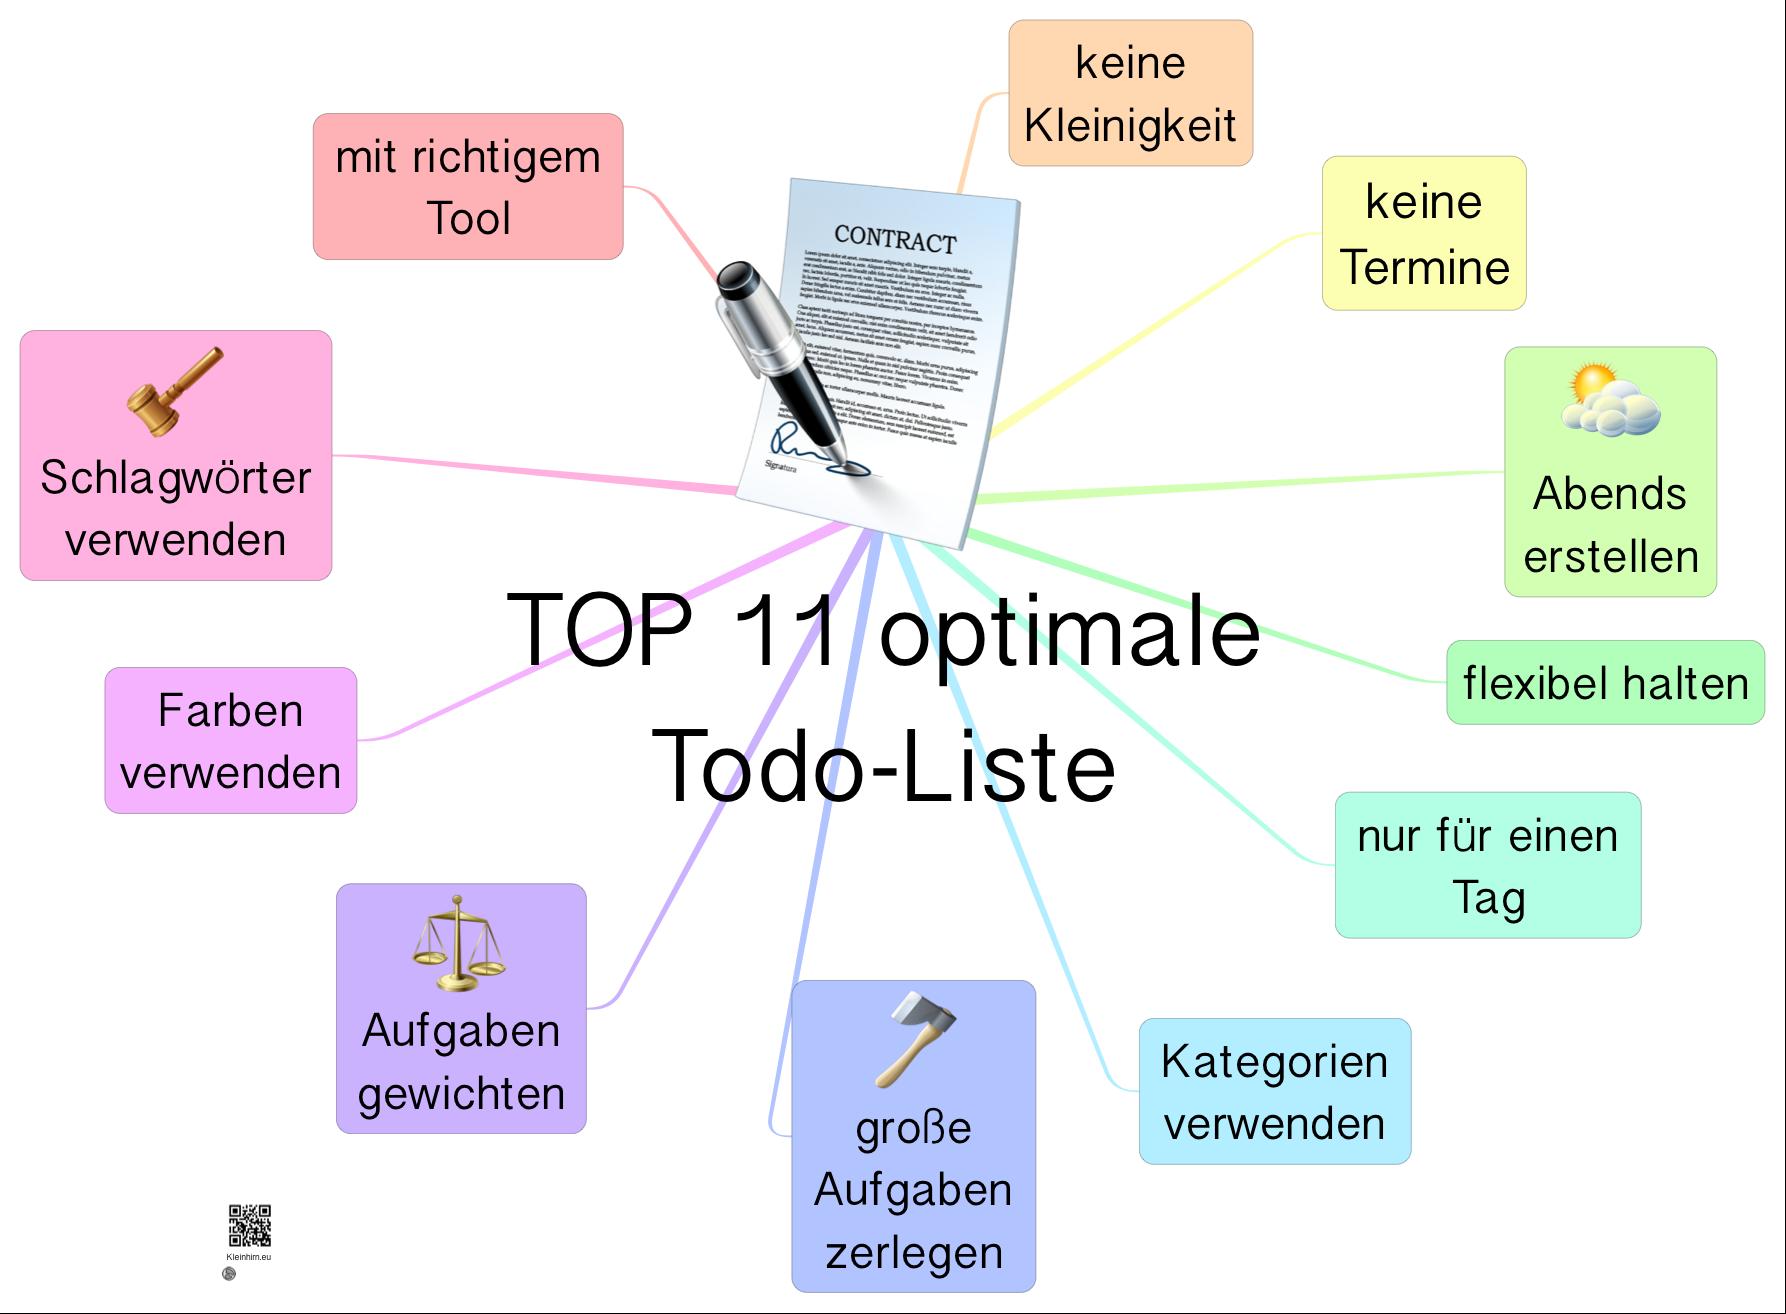 TOP 11 - optimale Todo-Listen von kleinhirn.eu